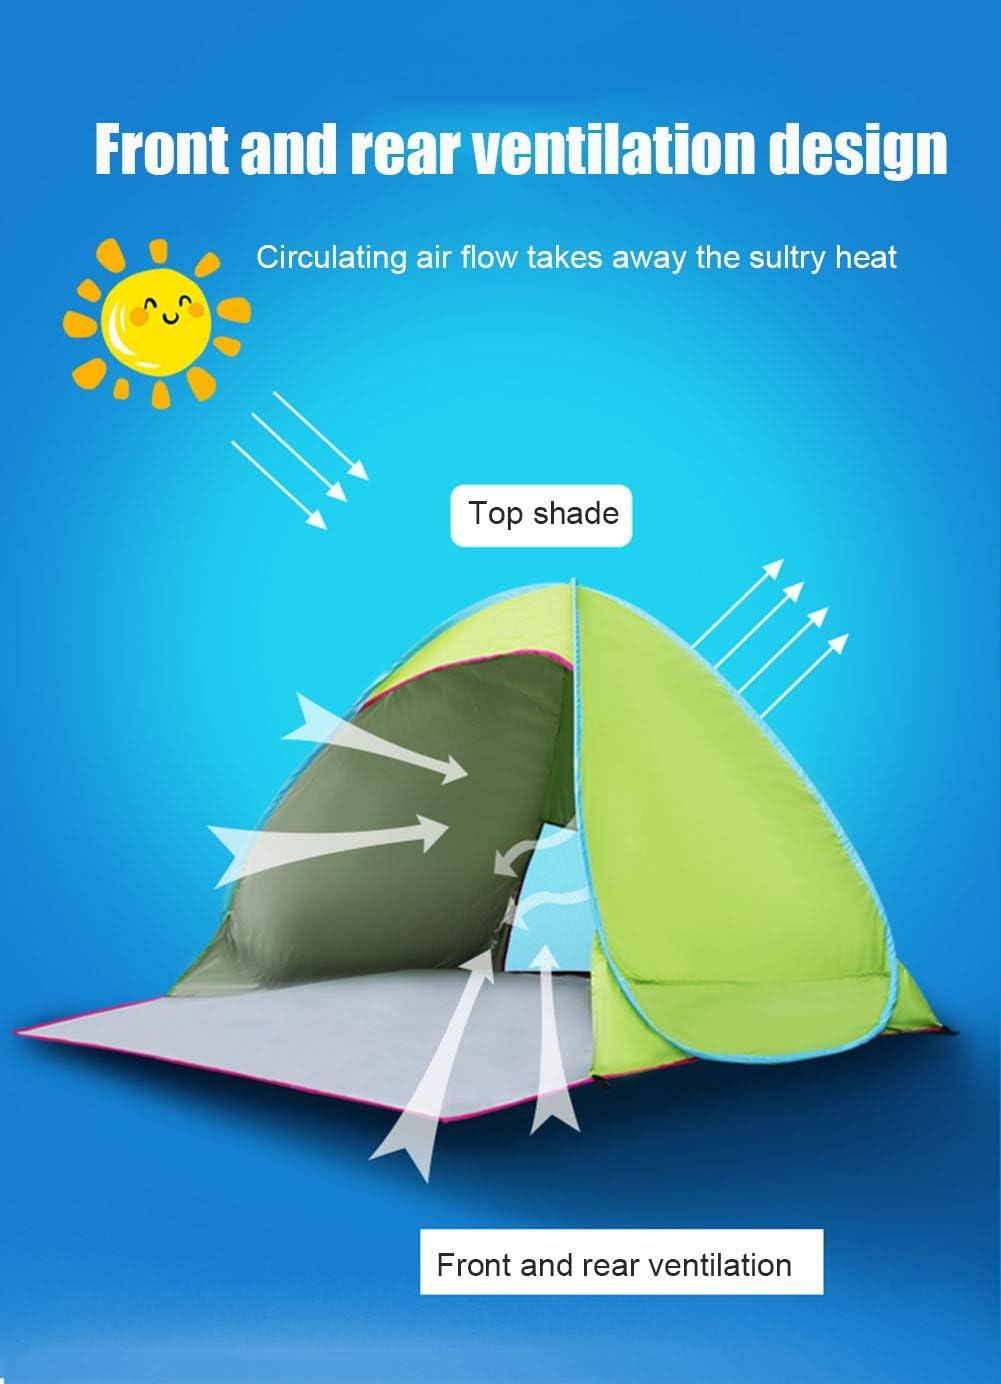 QLGRXWL Tienda de Playa emergente, 2-3 Personas Portátil Tienda de campaña para niños al Aire Libre Anti-UV 50+ Sombrilla, Camping al Aire Libre Picnic en la Playa E